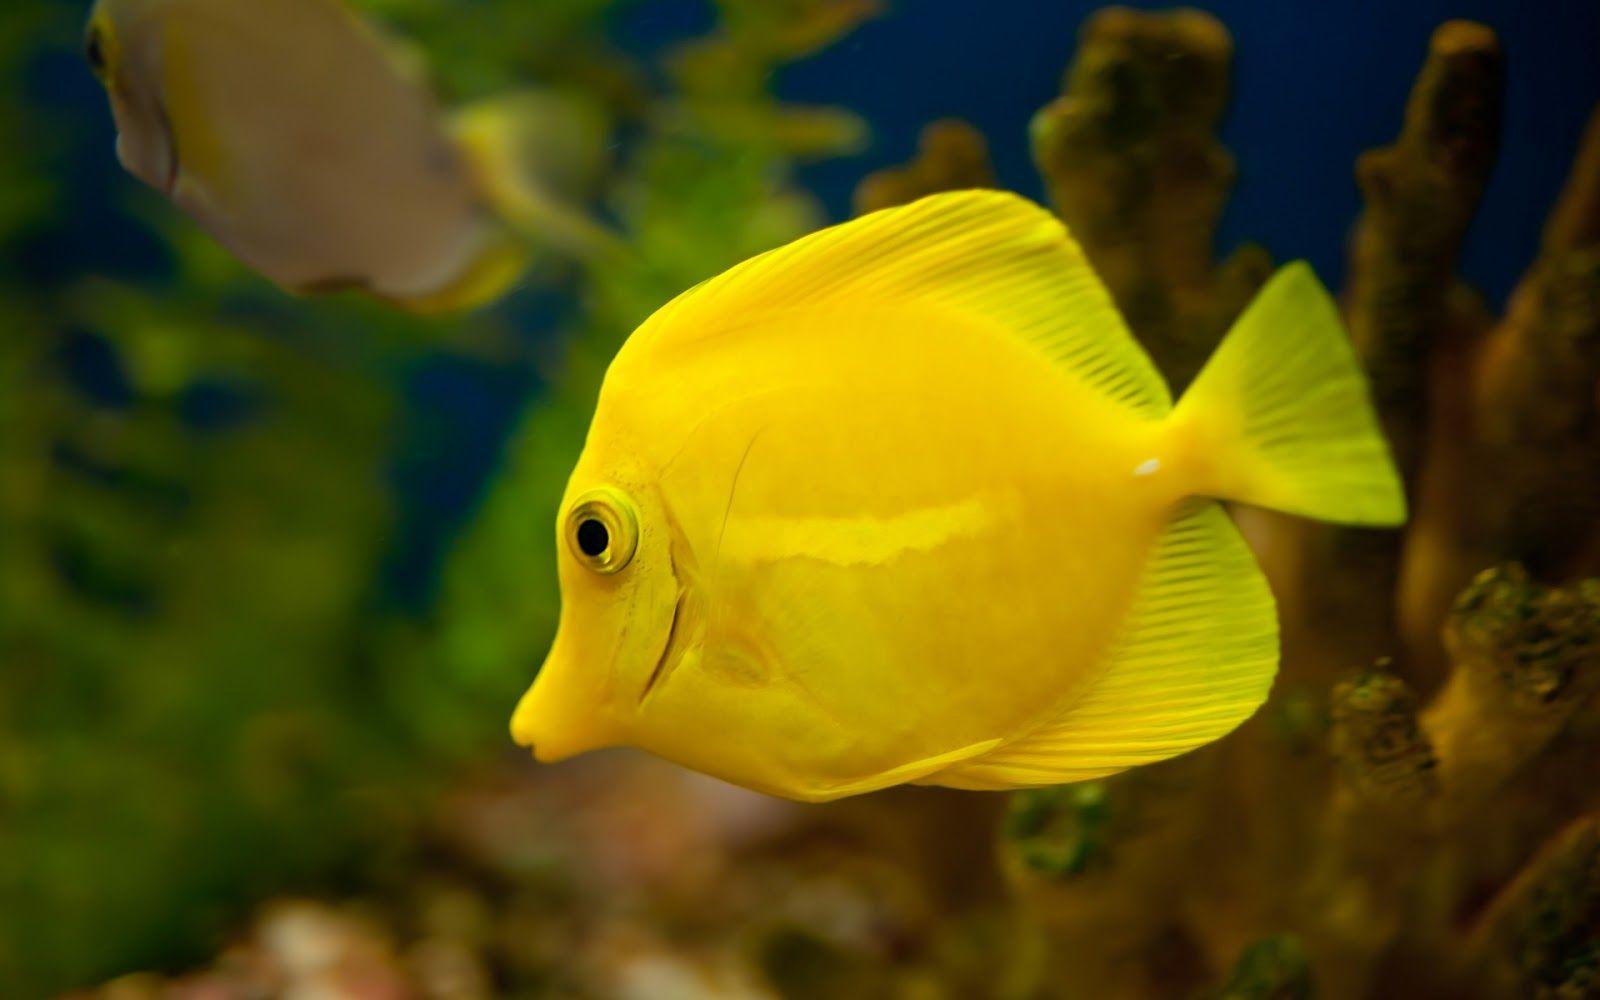 Yellow Animals Yellow Tang Fish Wallpaper Tang Fish Fish Wallpaper Yellow Fish